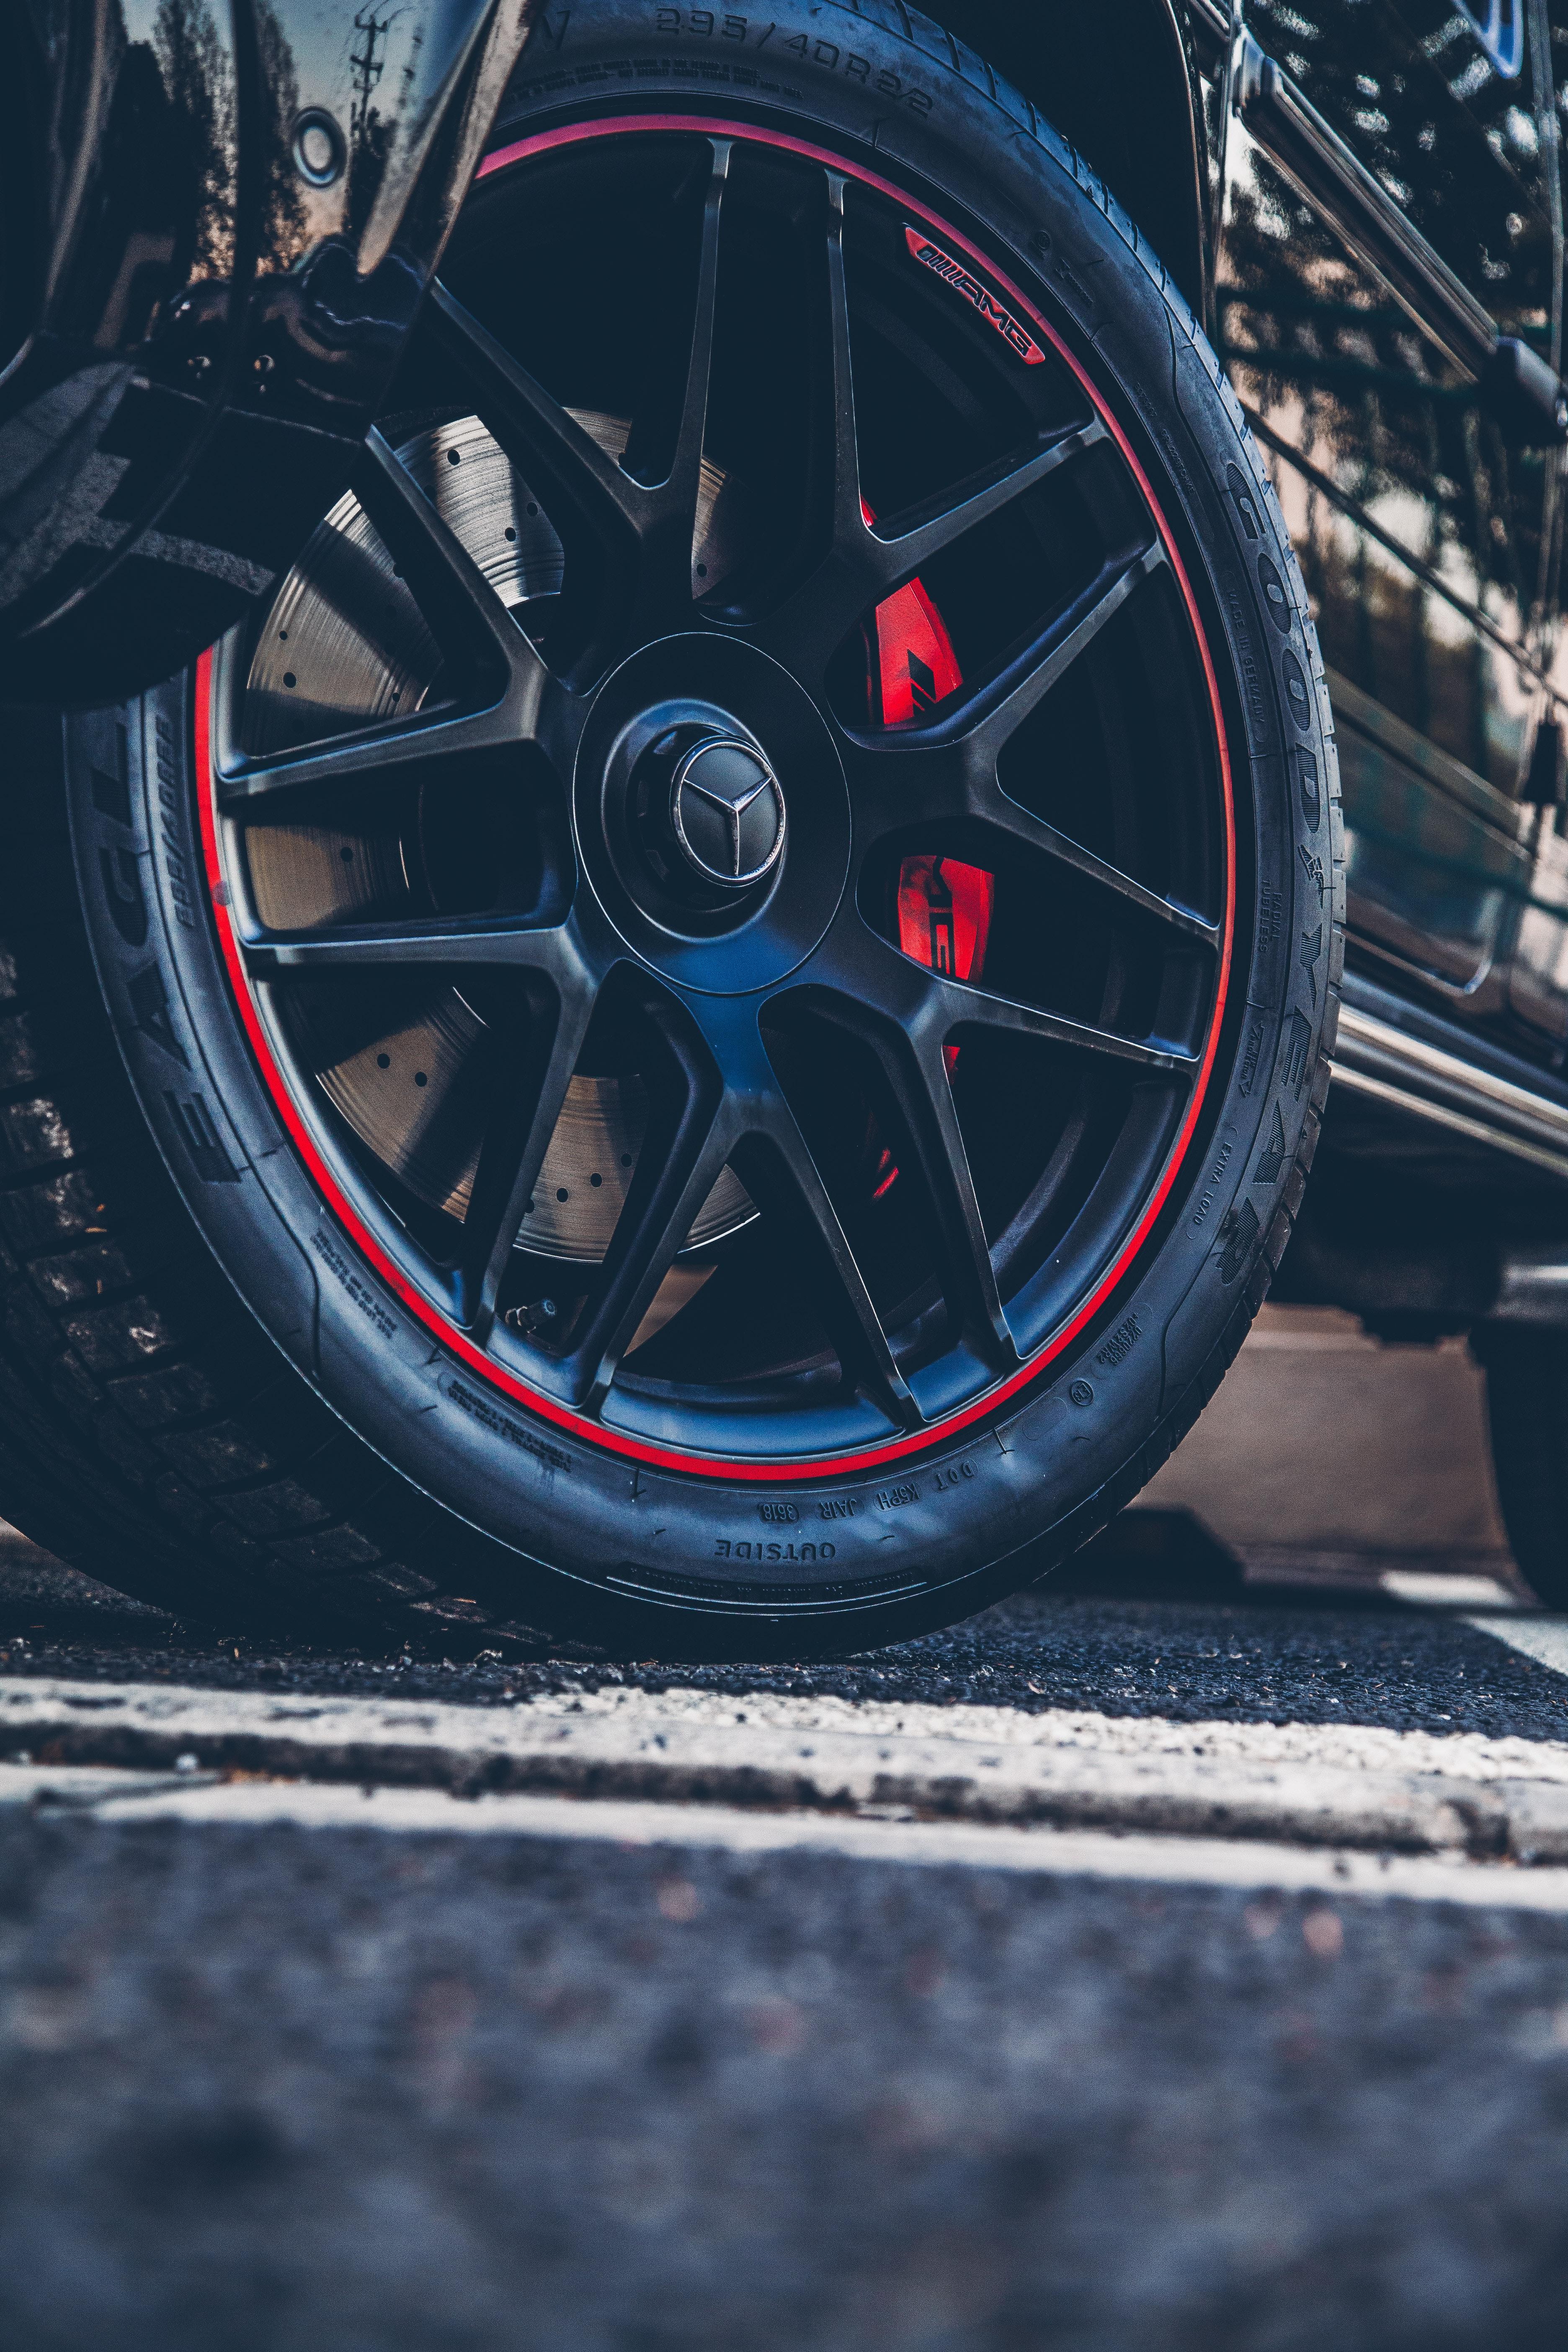 58022 Hintergrundbild herunterladen Mercedes, Auto, Cars, Wagen, Das Schwarze, Rad - Bildschirmschoner und Bilder kostenlos